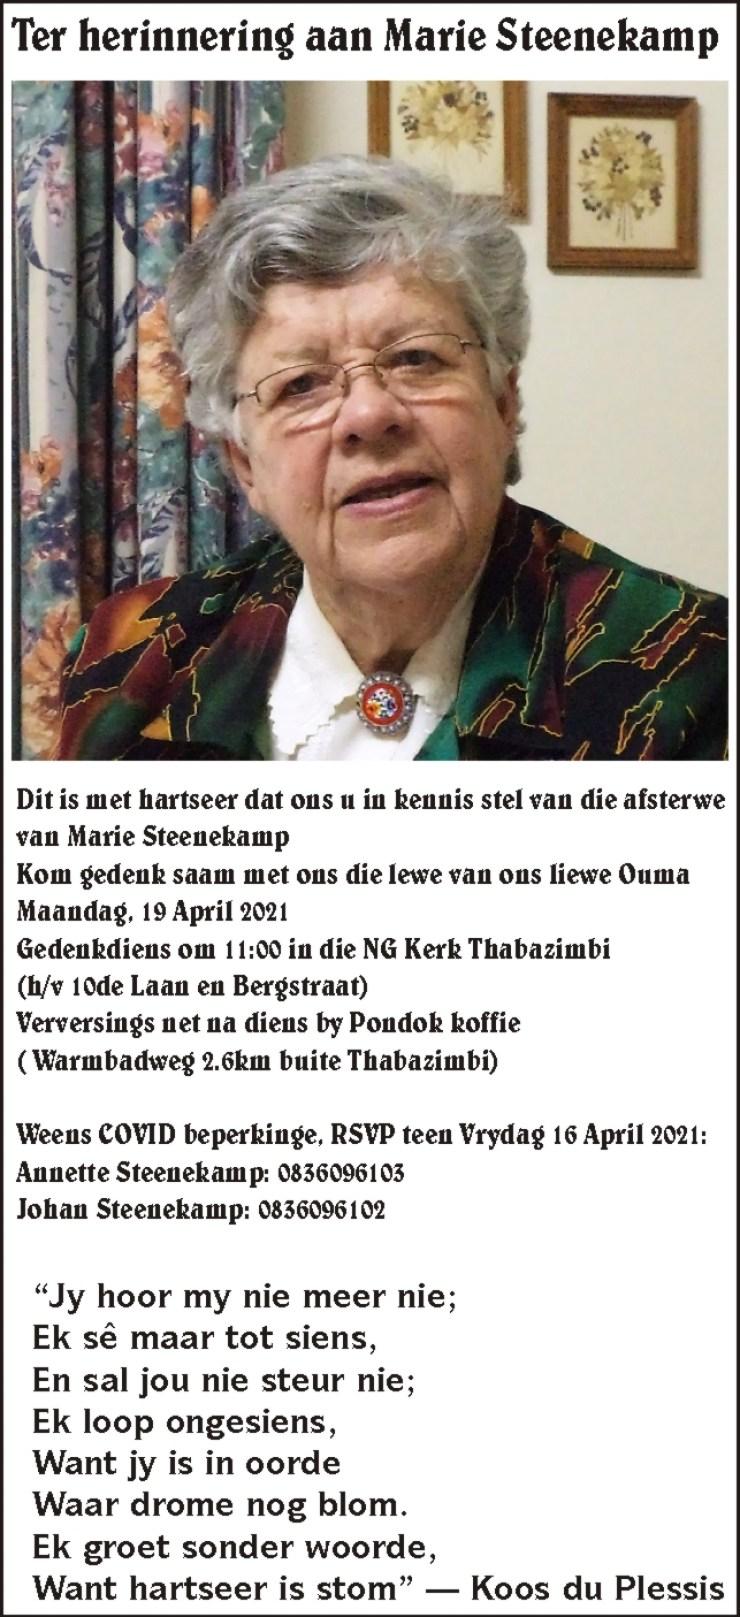 2021 April 15 Ter Herinnering aan Marie Steenekamp